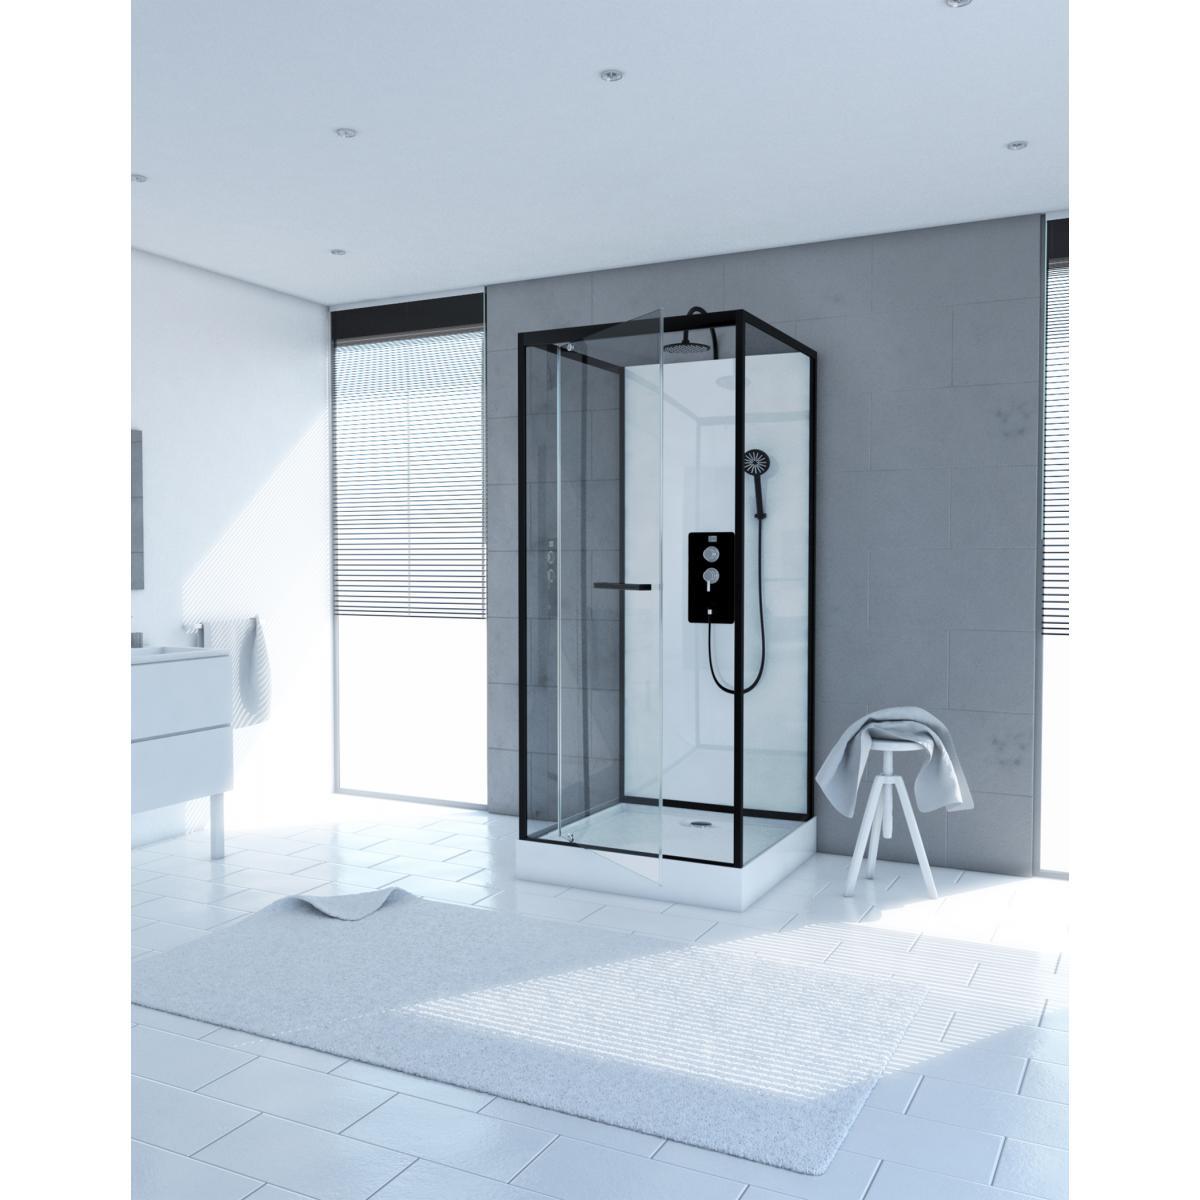 Aurlane Cabine de douche carrée 90x90x230cm - extra blanc et profilé noir mat - LUNAR SQUARE 90